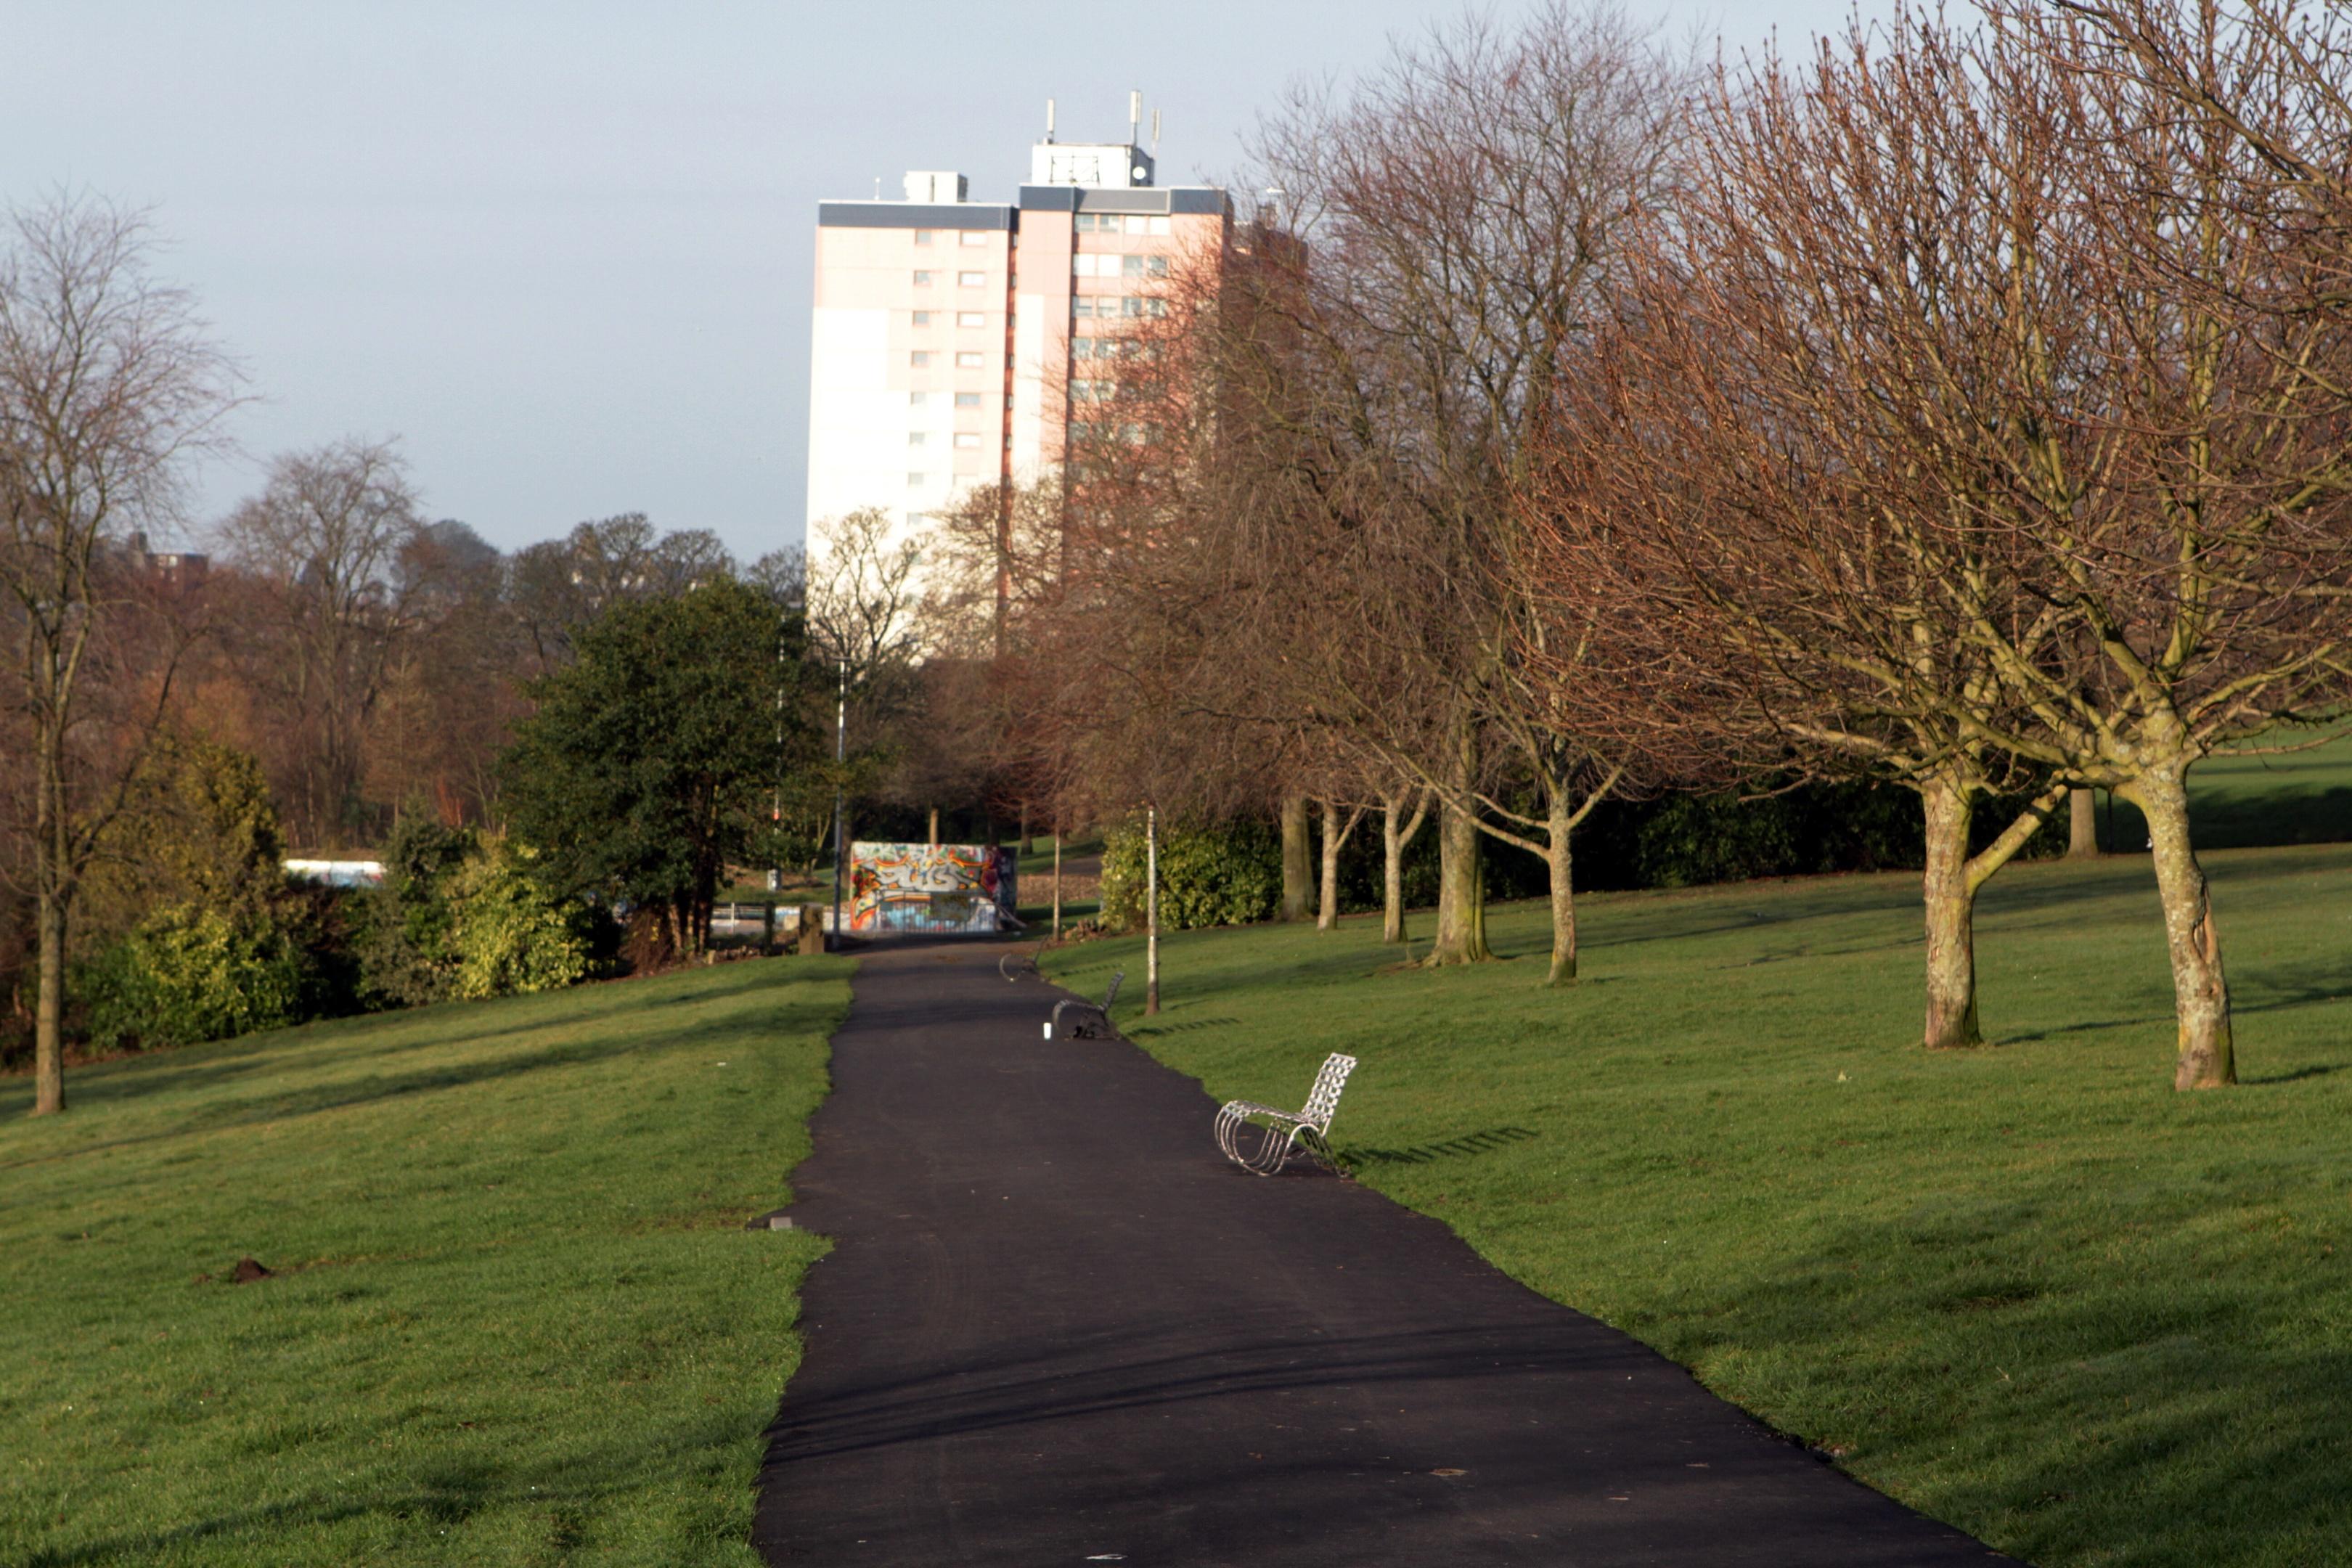 Dudhope Park